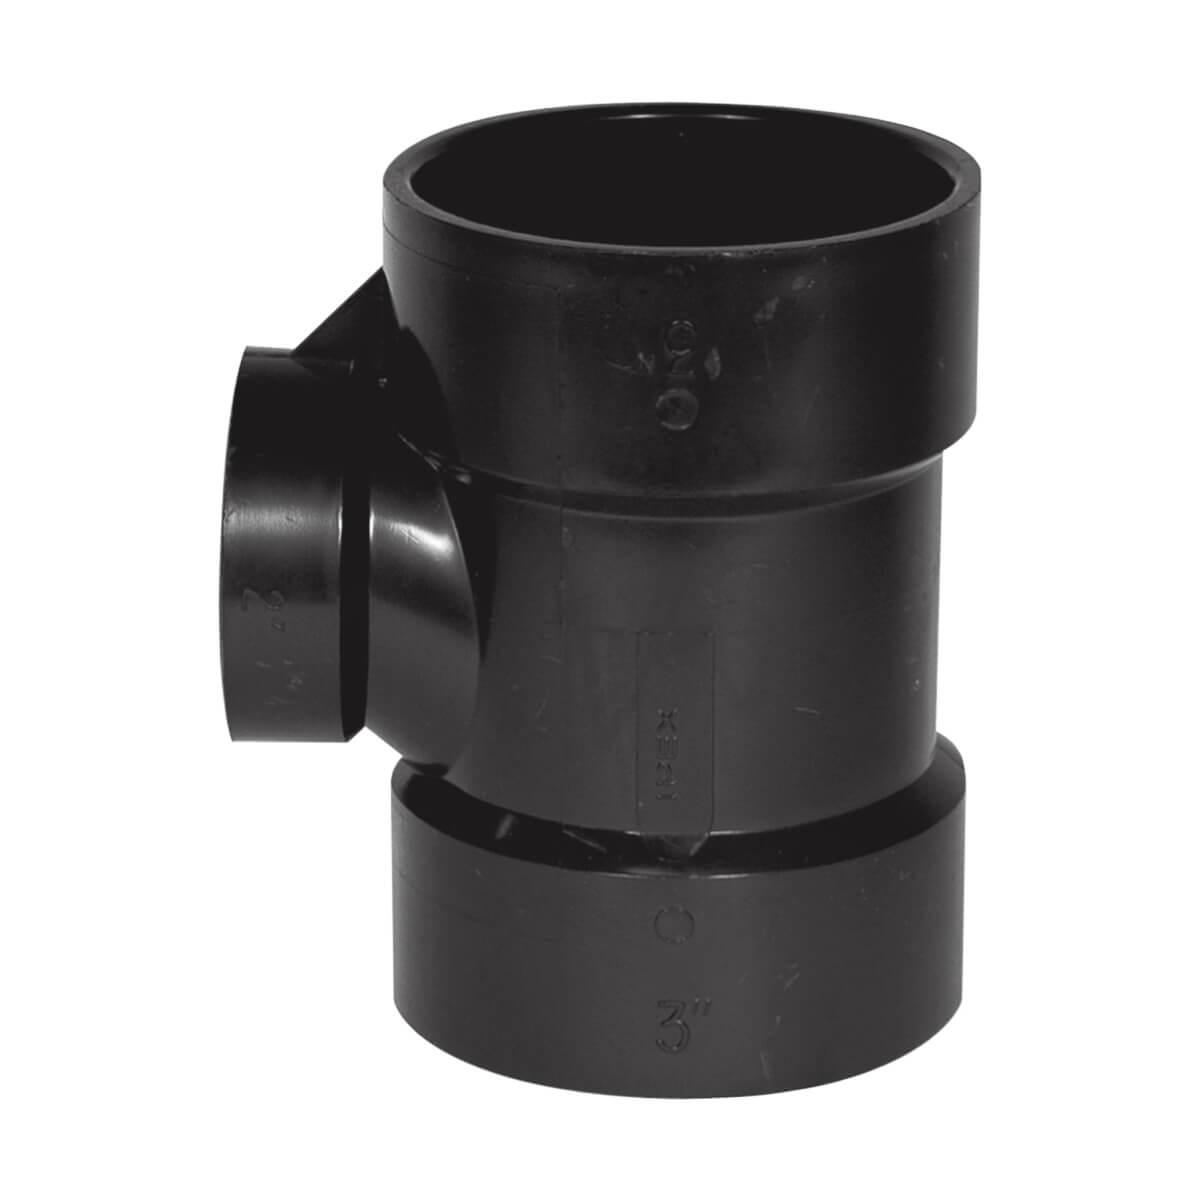 ABS-DWV Sanitary Tee - Hub - 3-in x 3-in x 2-in